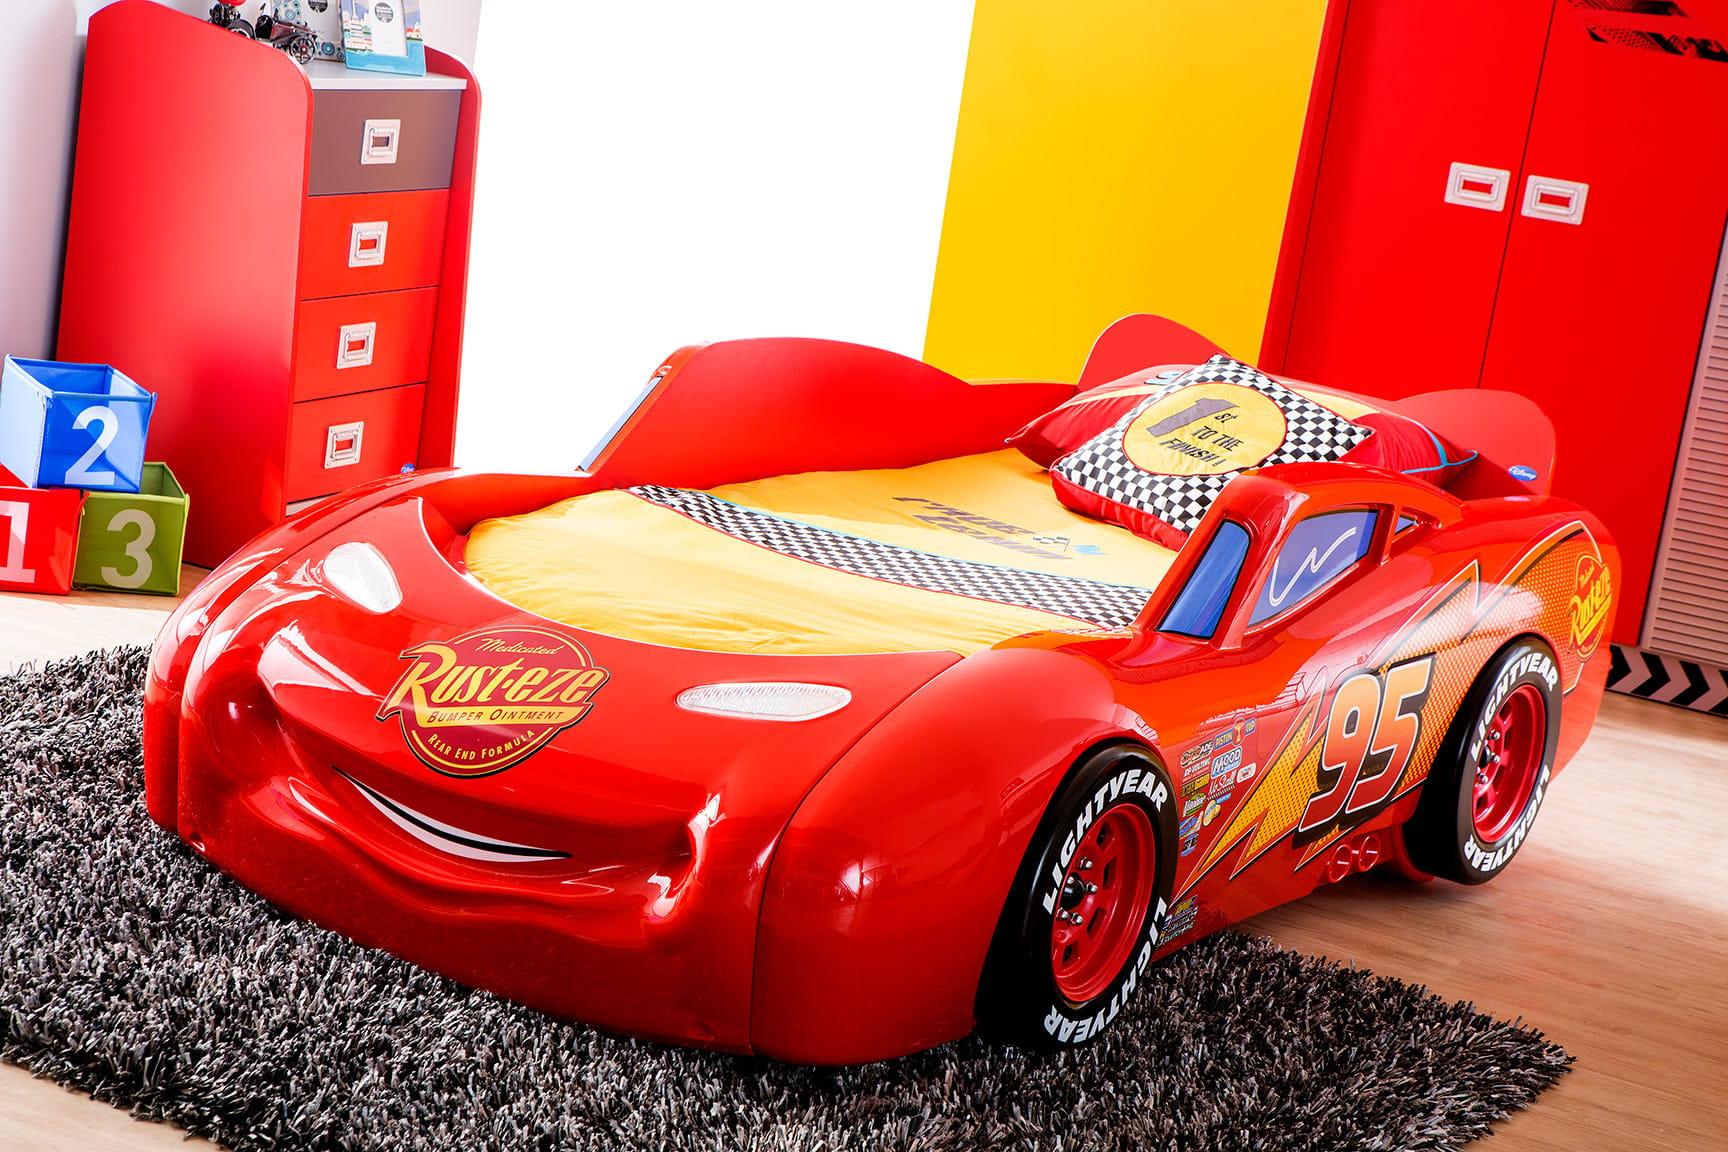 Cars Bett 90x200: łóżko Dziecięce Auto Cars Piston Cup, Meble Kuchenne Na